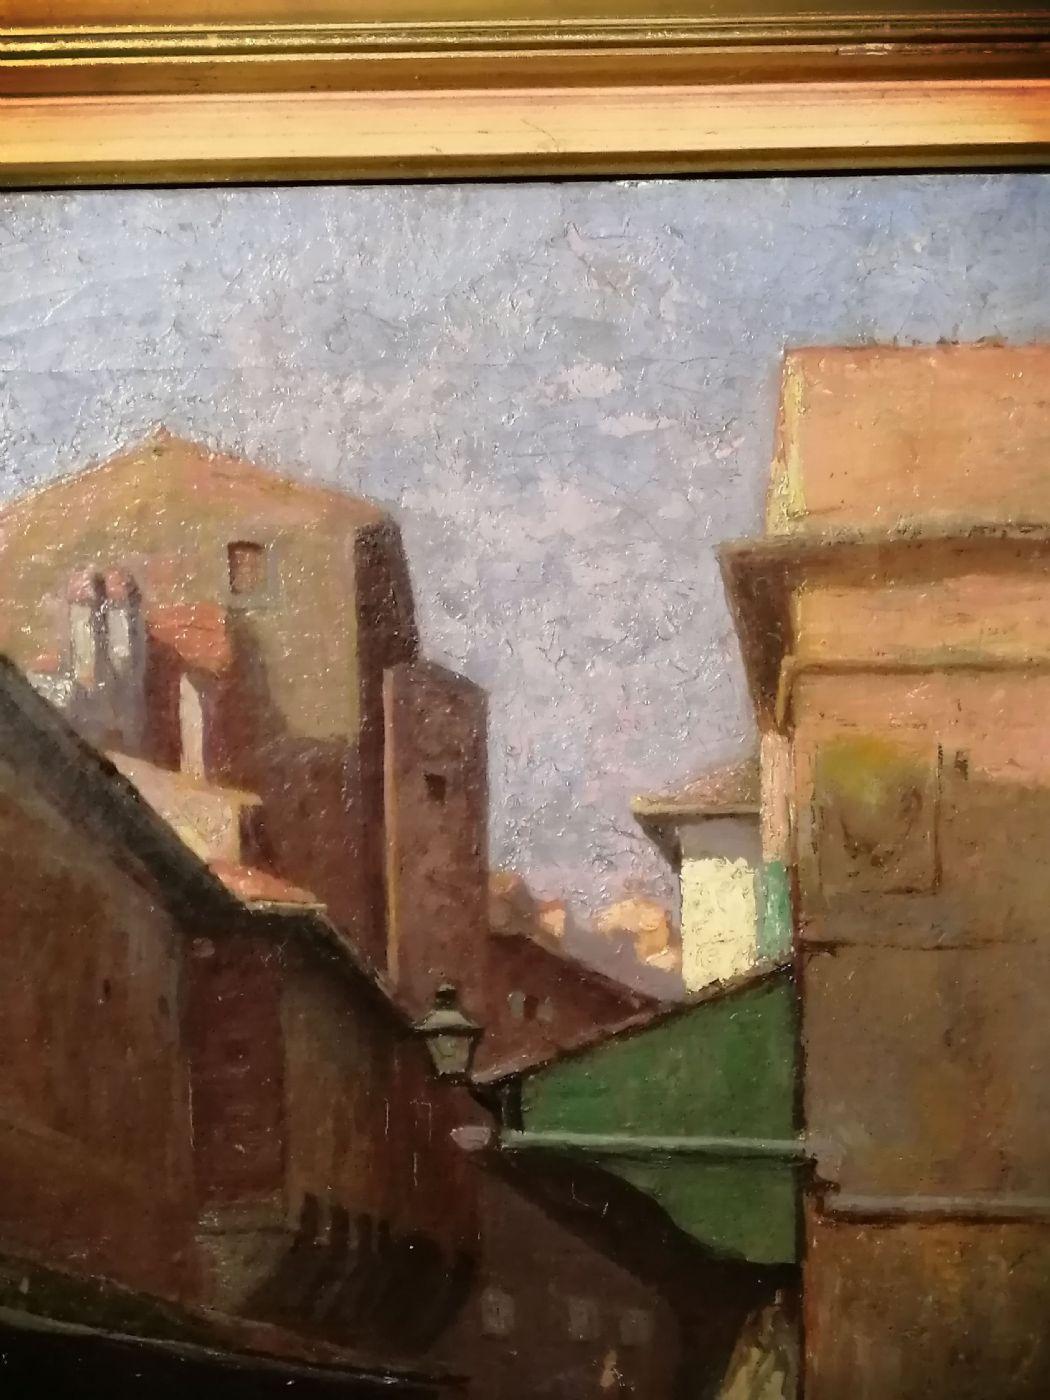 thumb5|Anacleto Della Gatta (Sezze 1868 - Carmignano 1932) - Ponte Vecchio fine '800 primo '900  - Dipinto firmato